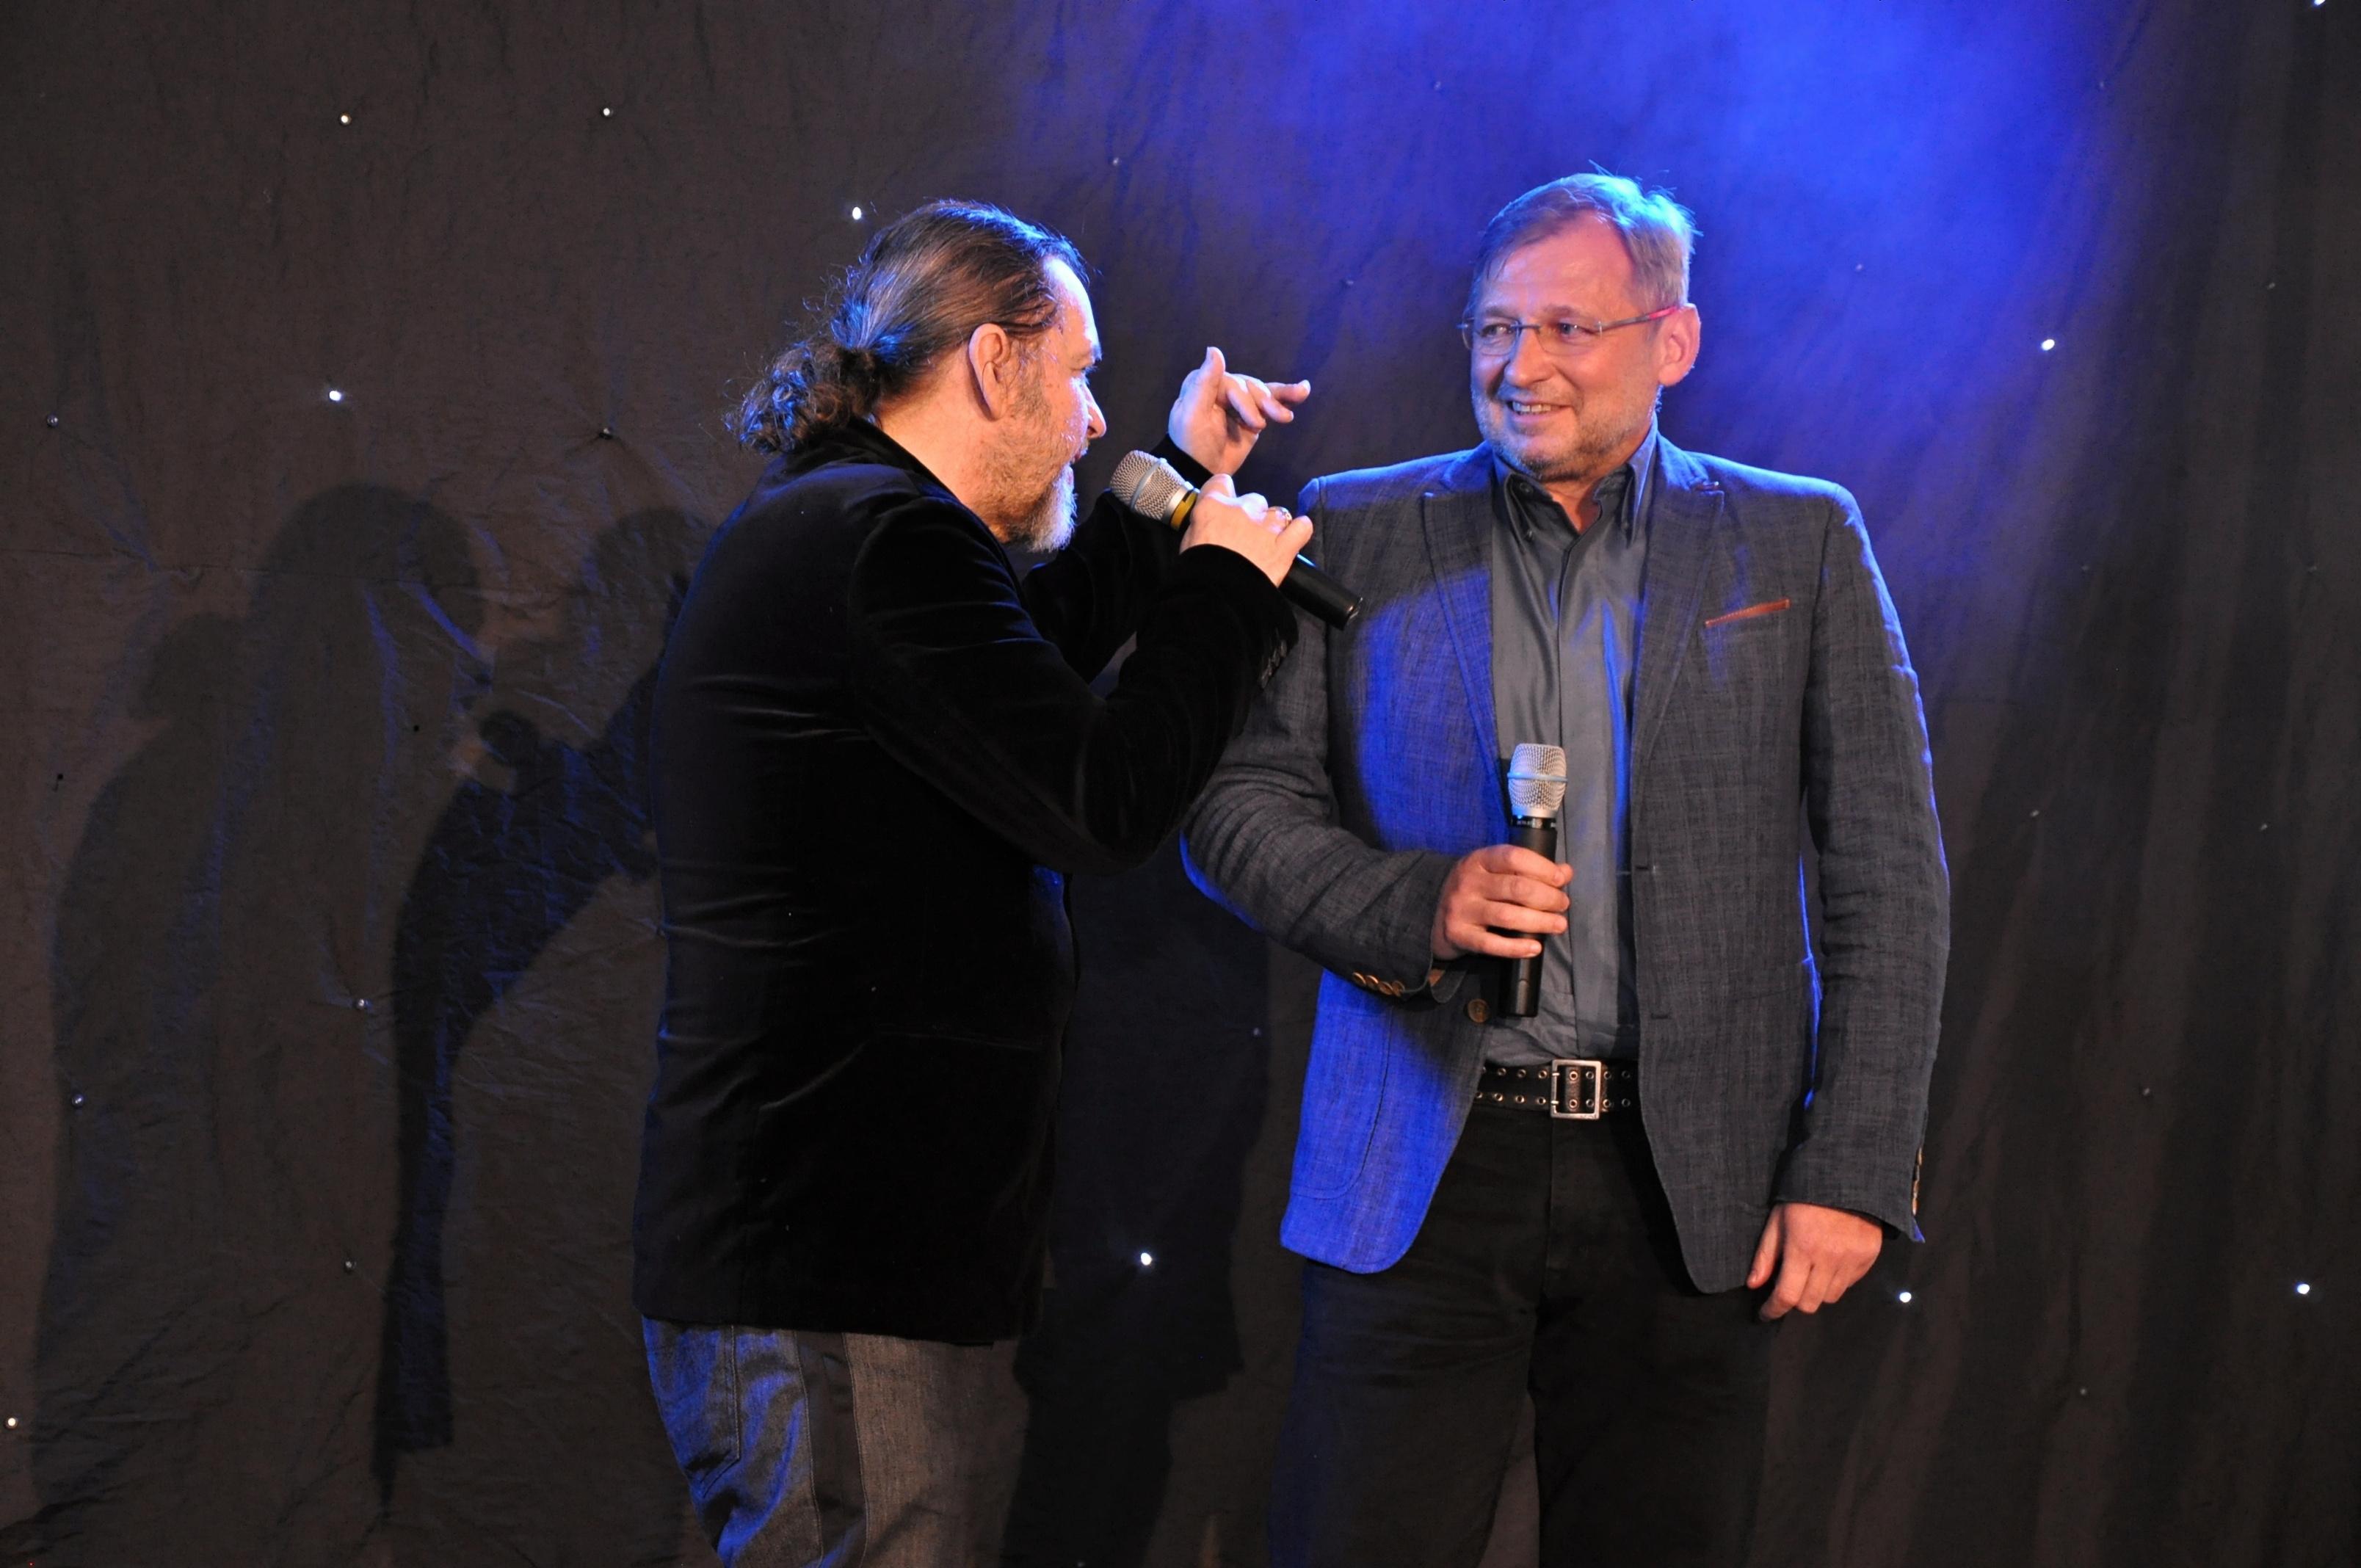 Petr_Průša_Photo091